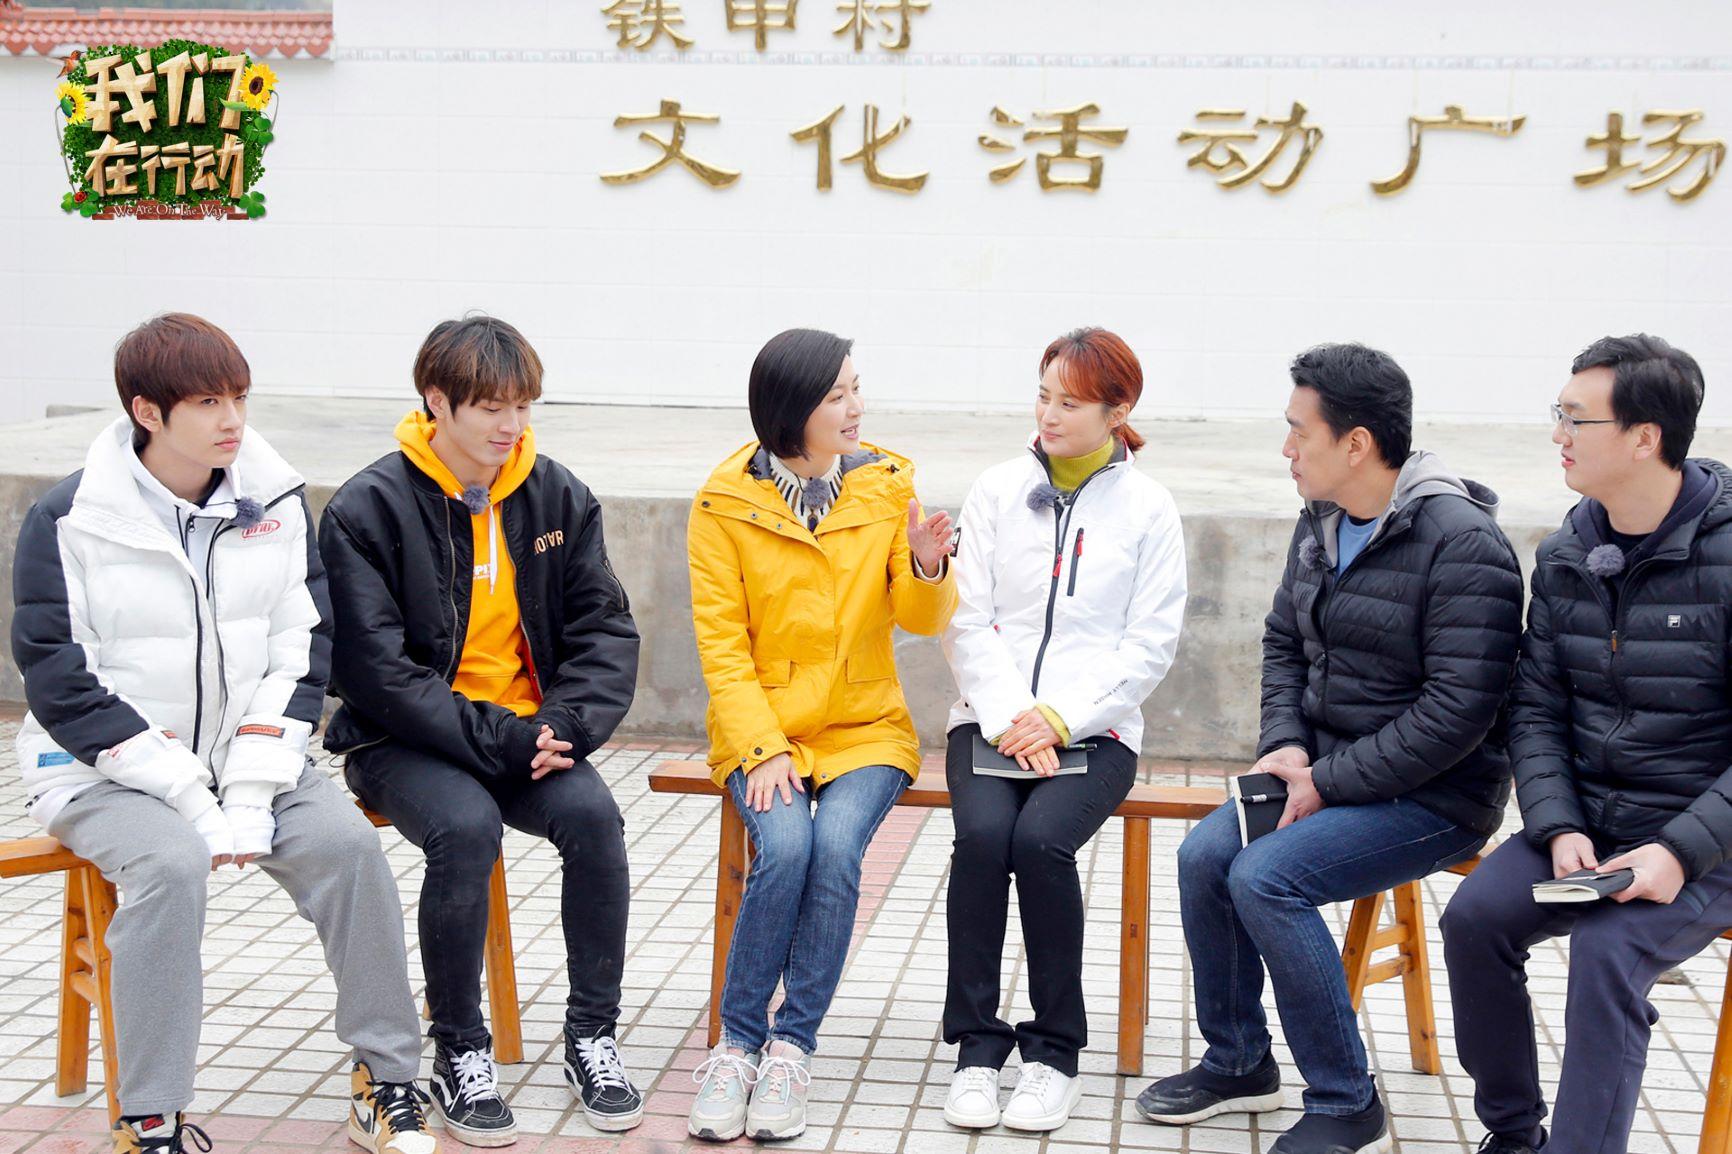 《我们在行动》王耀庆深入市场 蒋勤勤谈扶贫感受痛哭